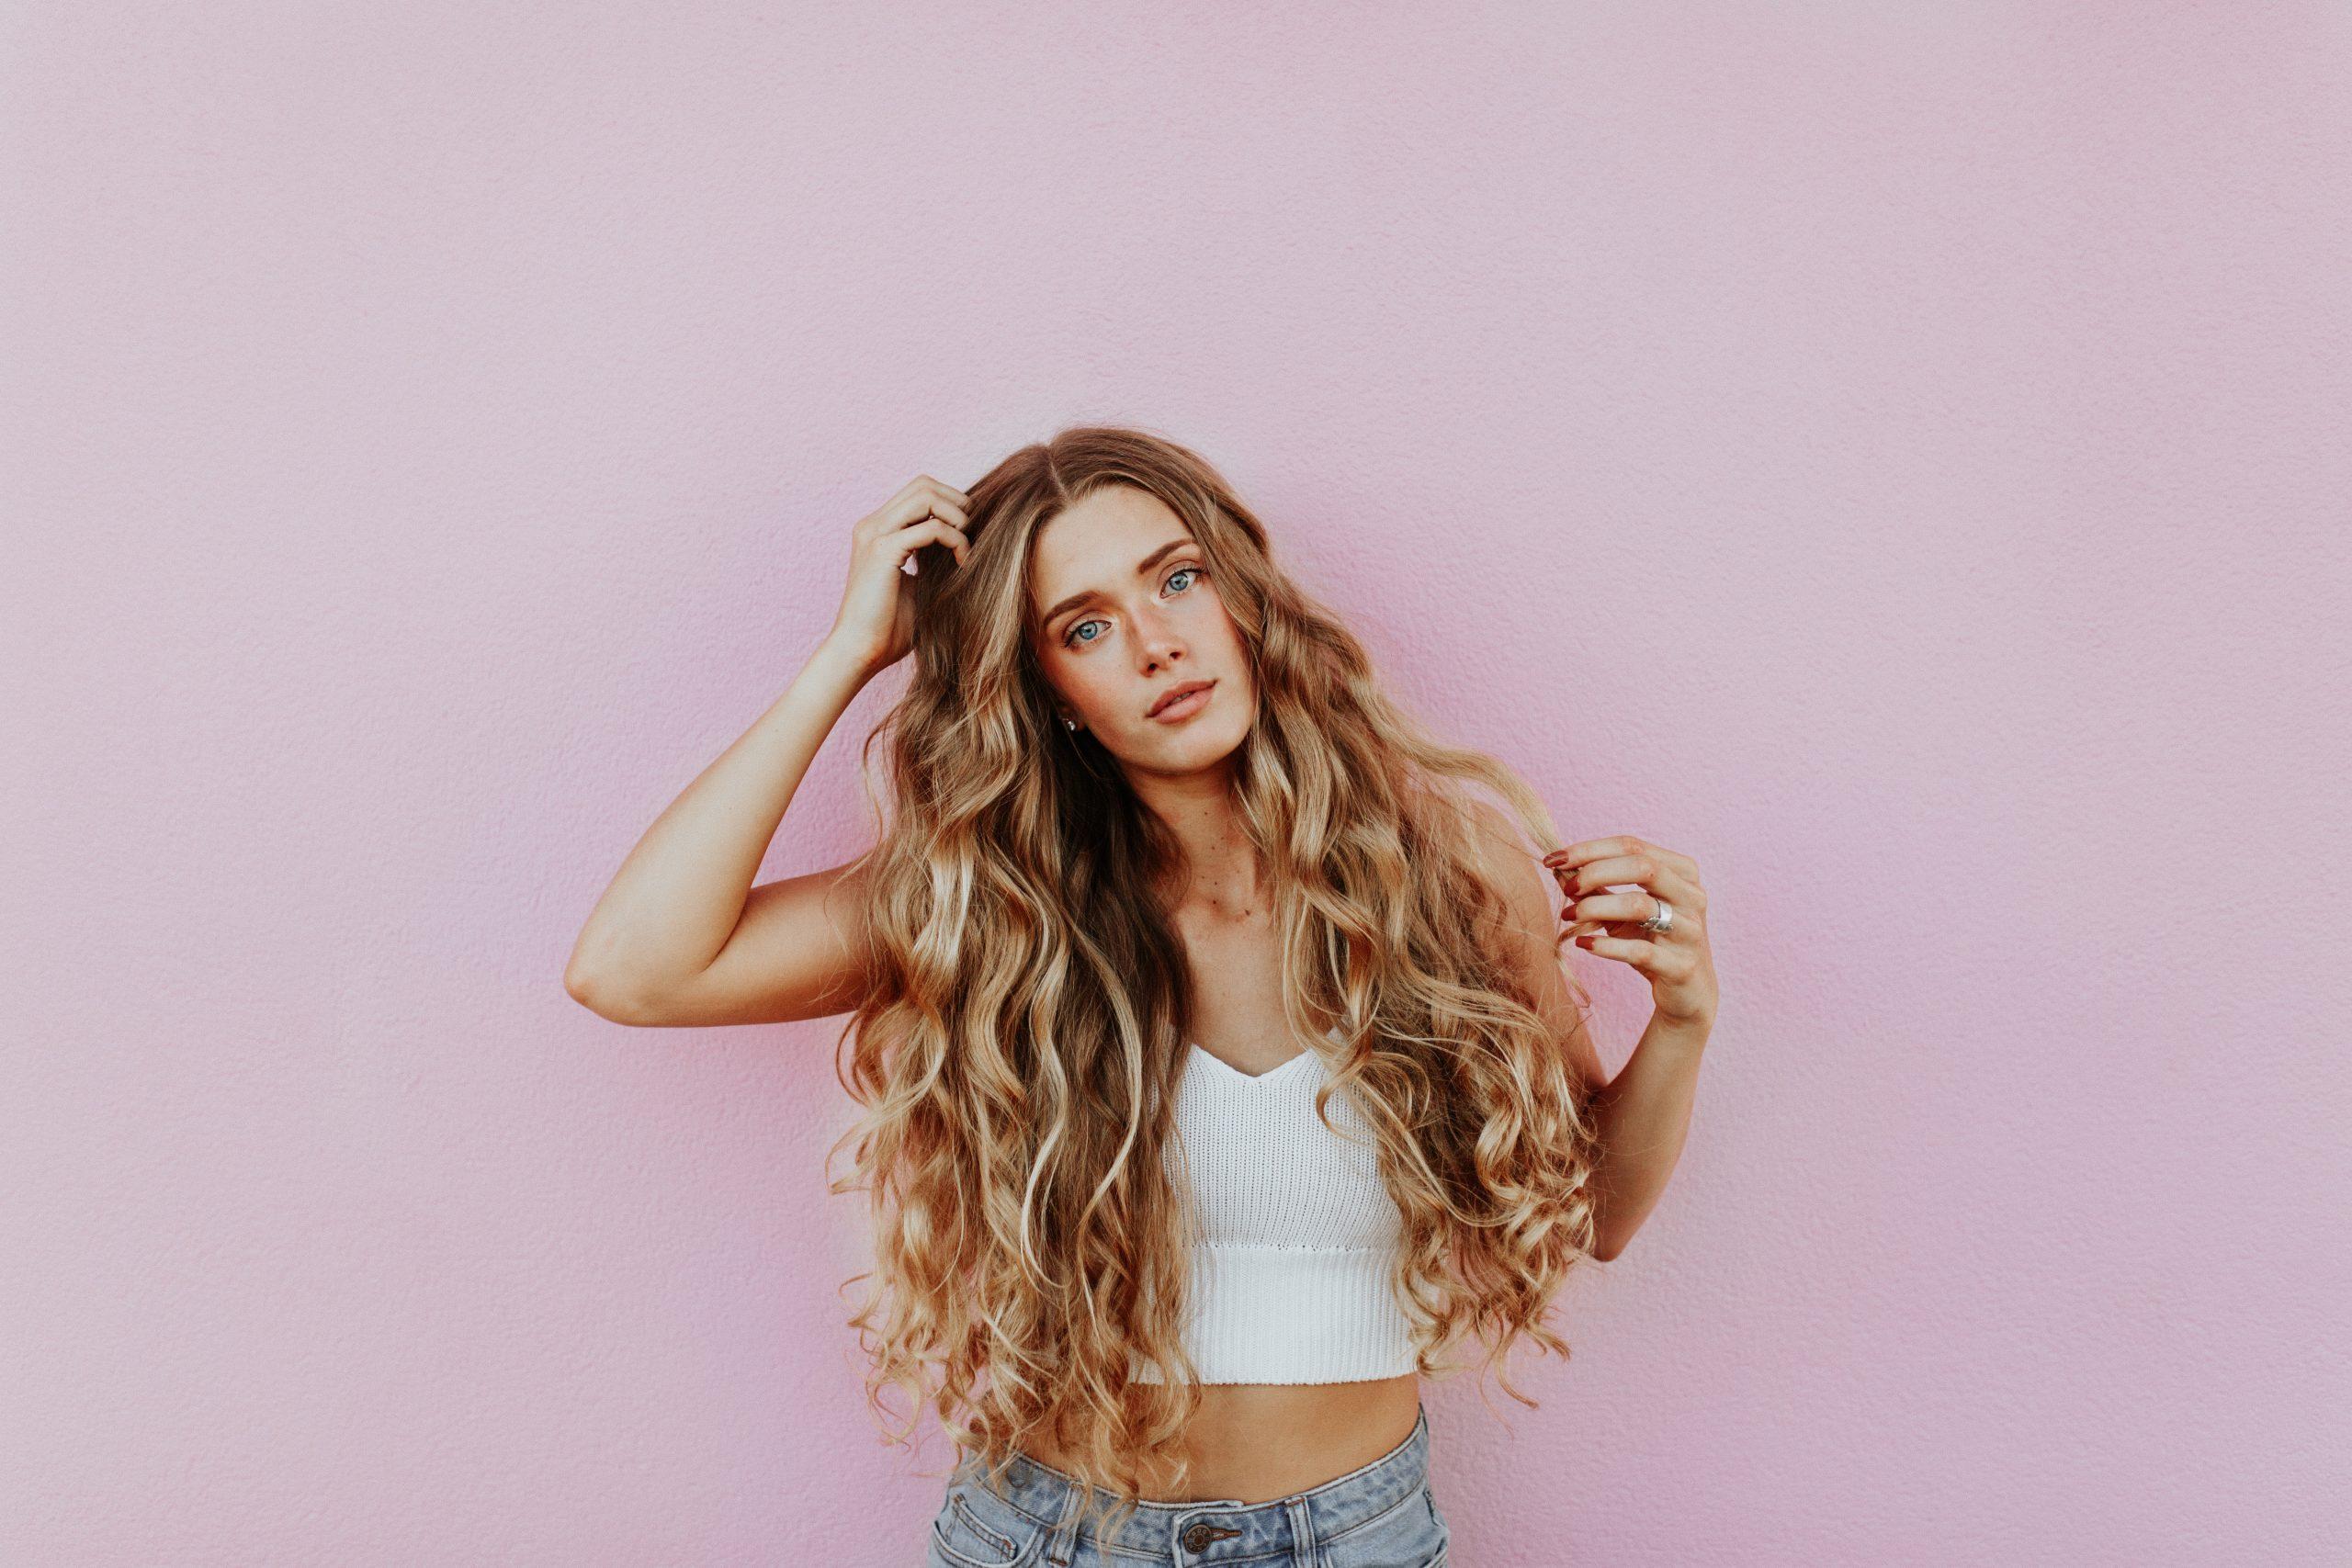 15 semplici modi per far crescere i capelli più a lungo, più velocemente, secondo gli esperti